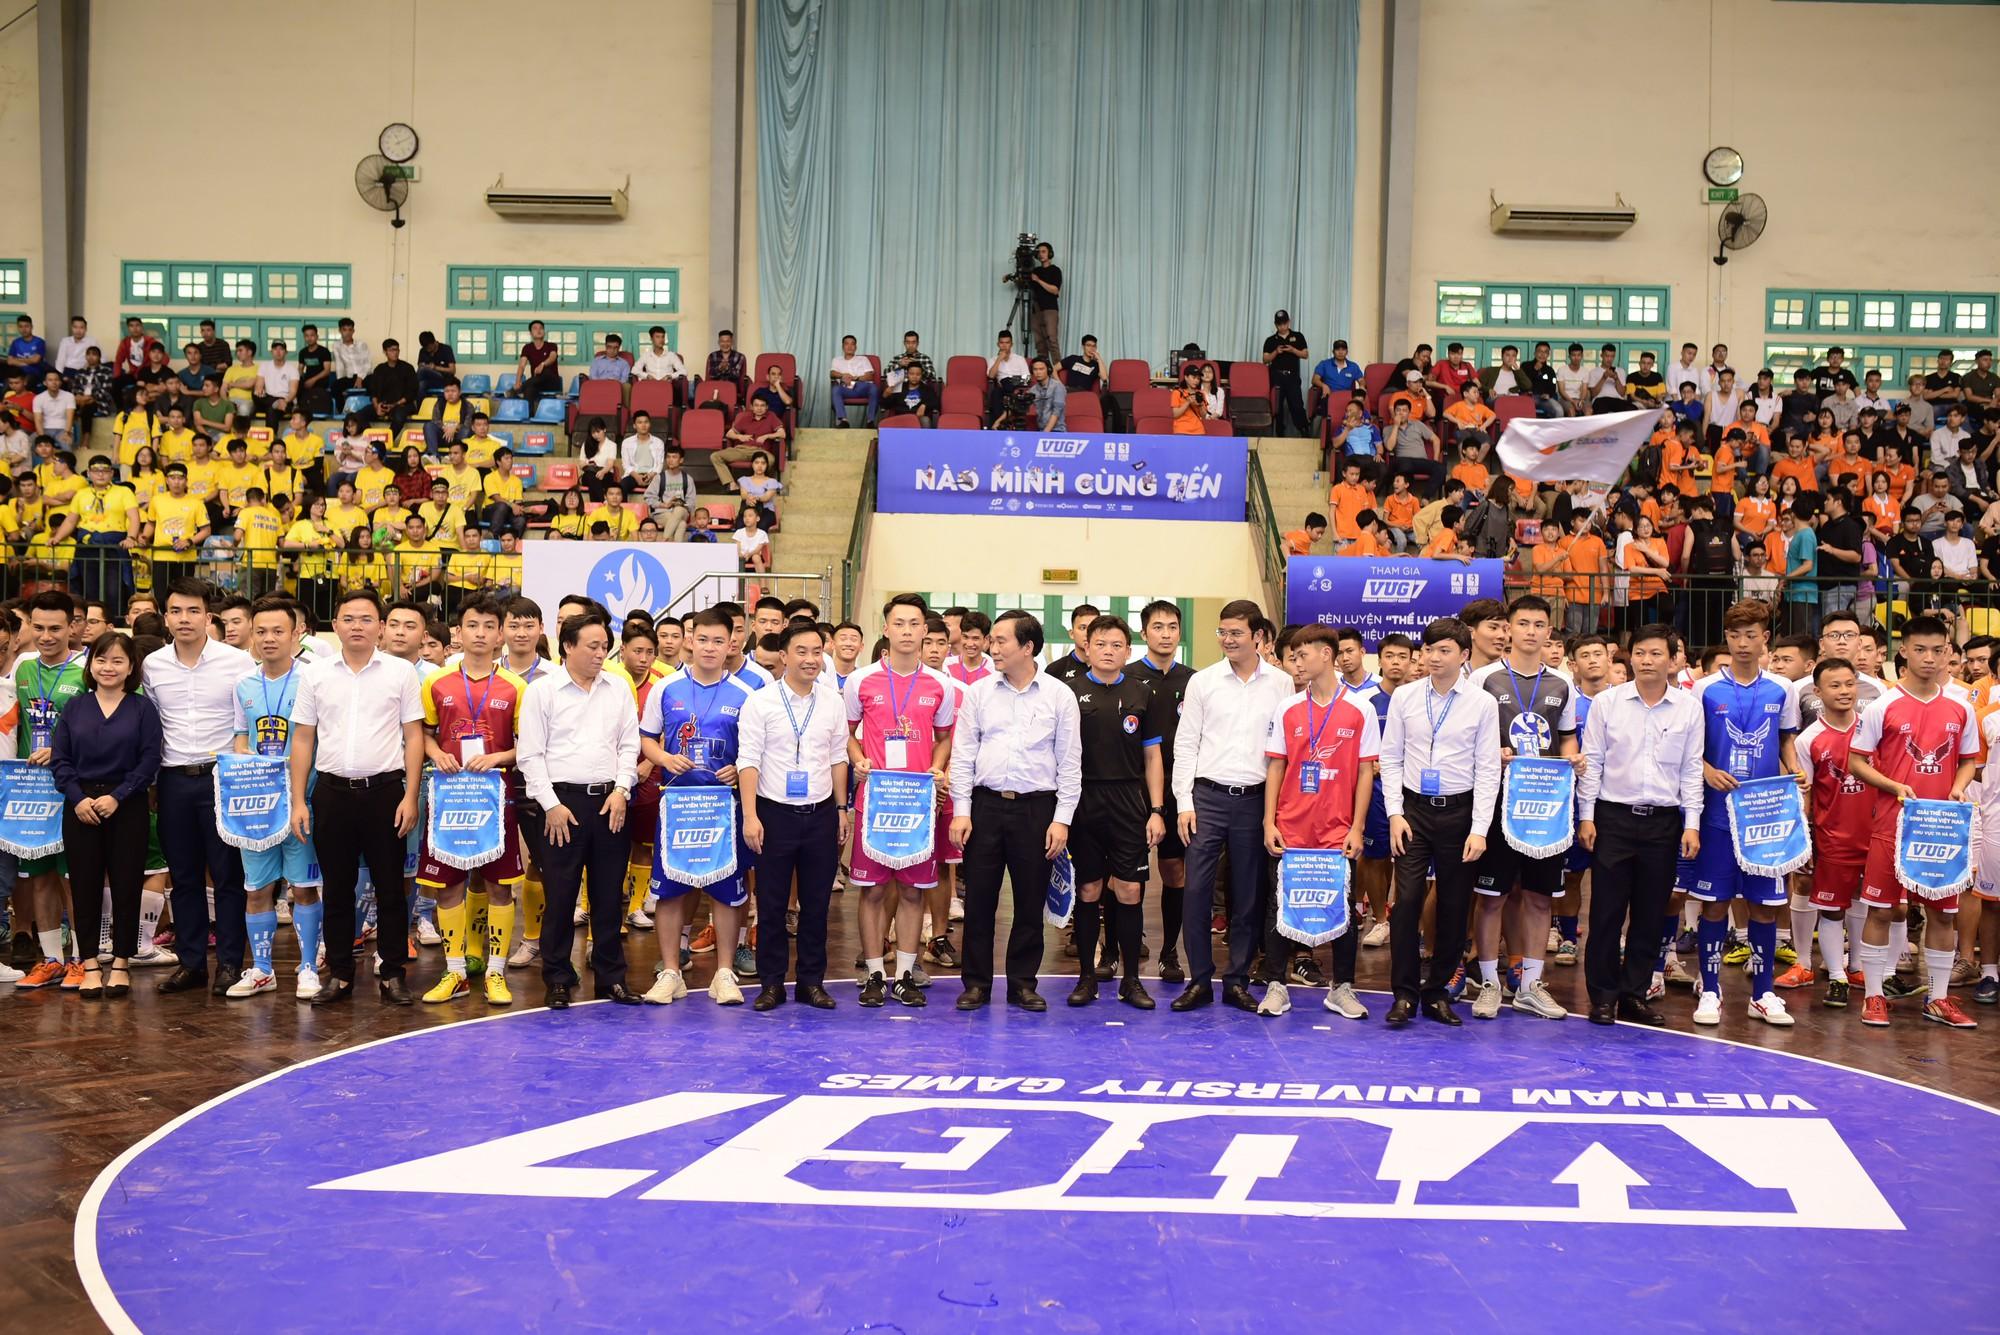 VUG - Giải thể thao lớn nhất dành cho sinh viên Việt Nam chính thức khởi tranh - Ảnh 5.